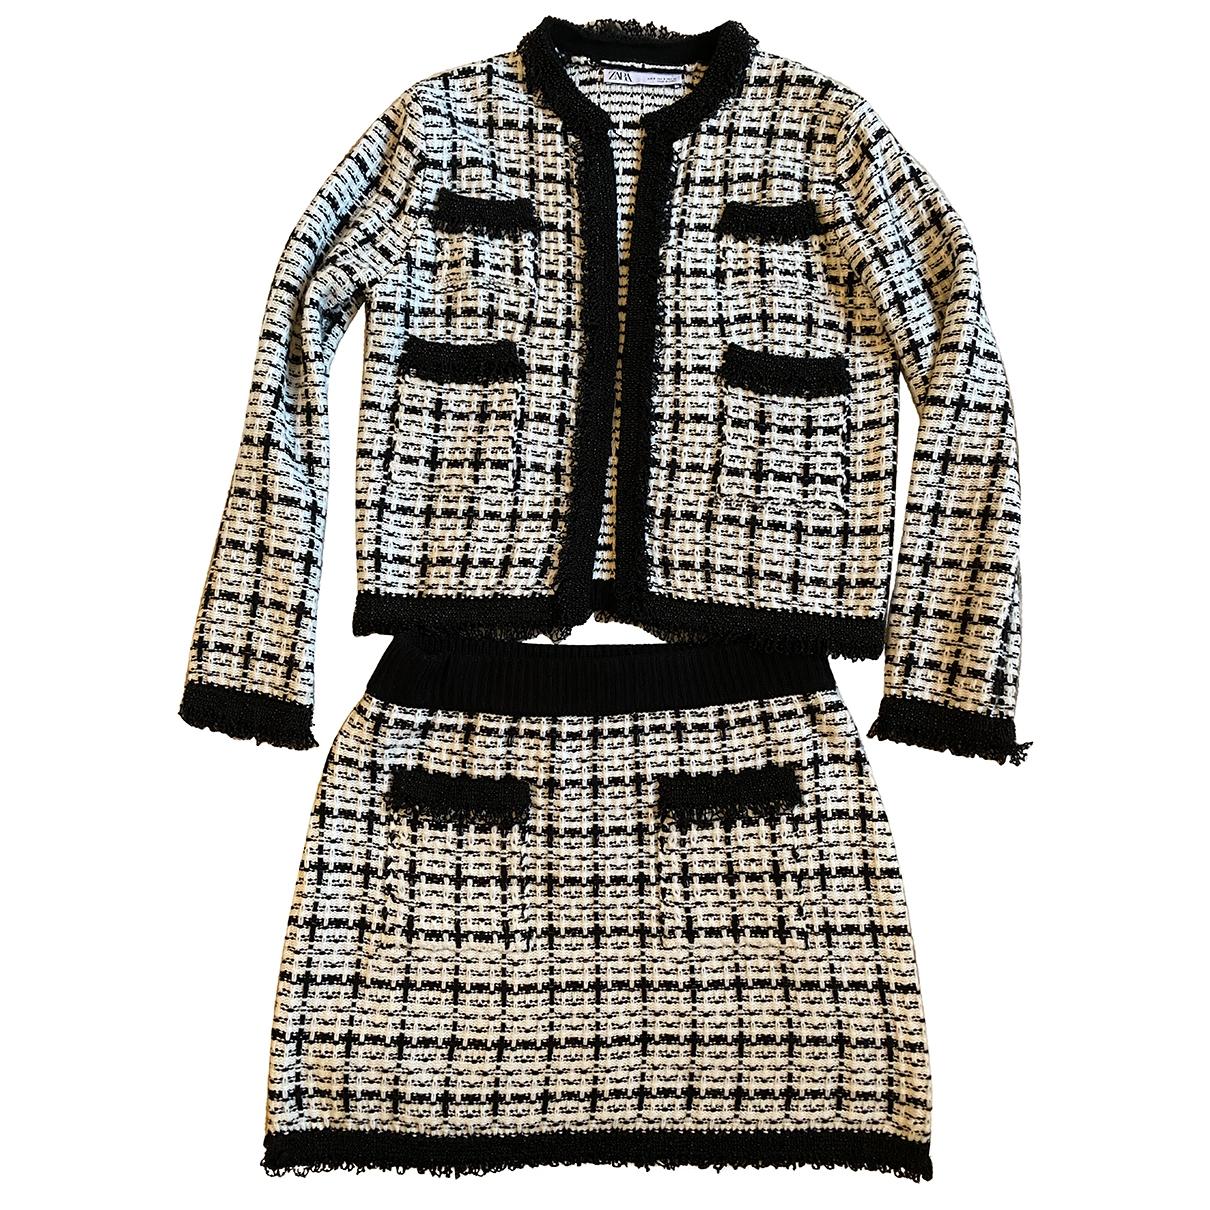 Zara \N jacket for Women S International